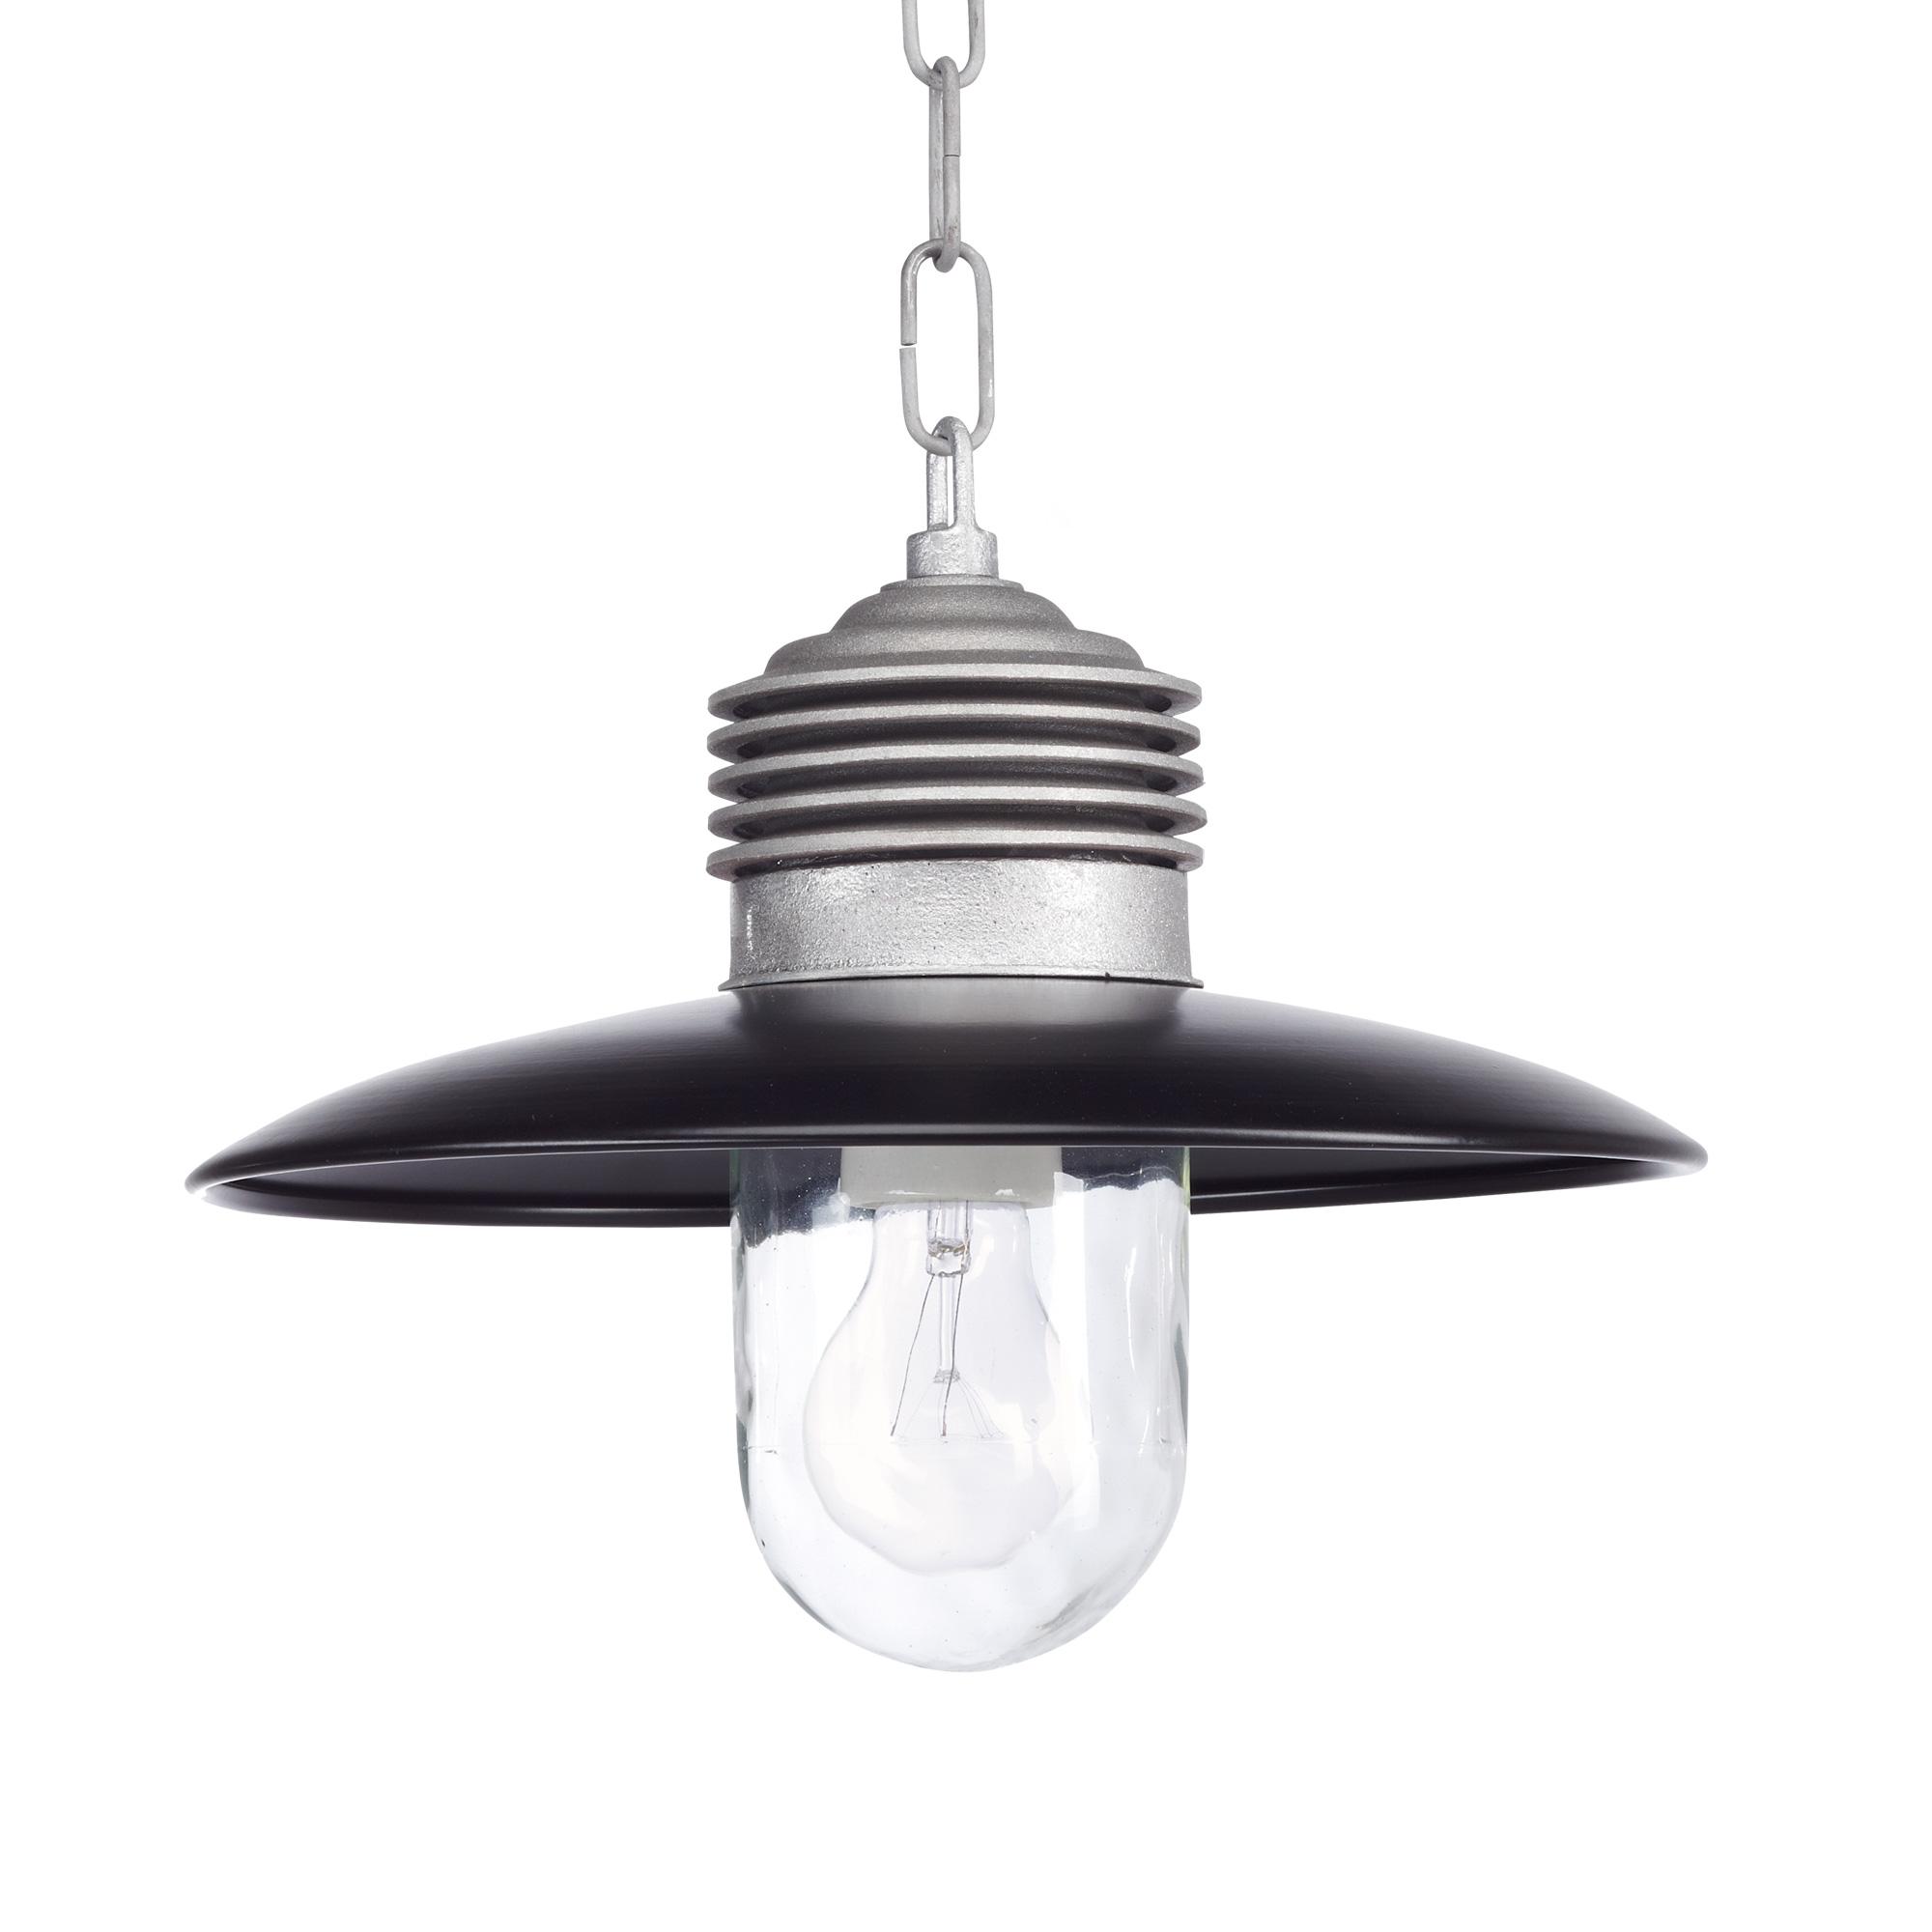 Hanglamp Ampere ketting Alu. Zwart